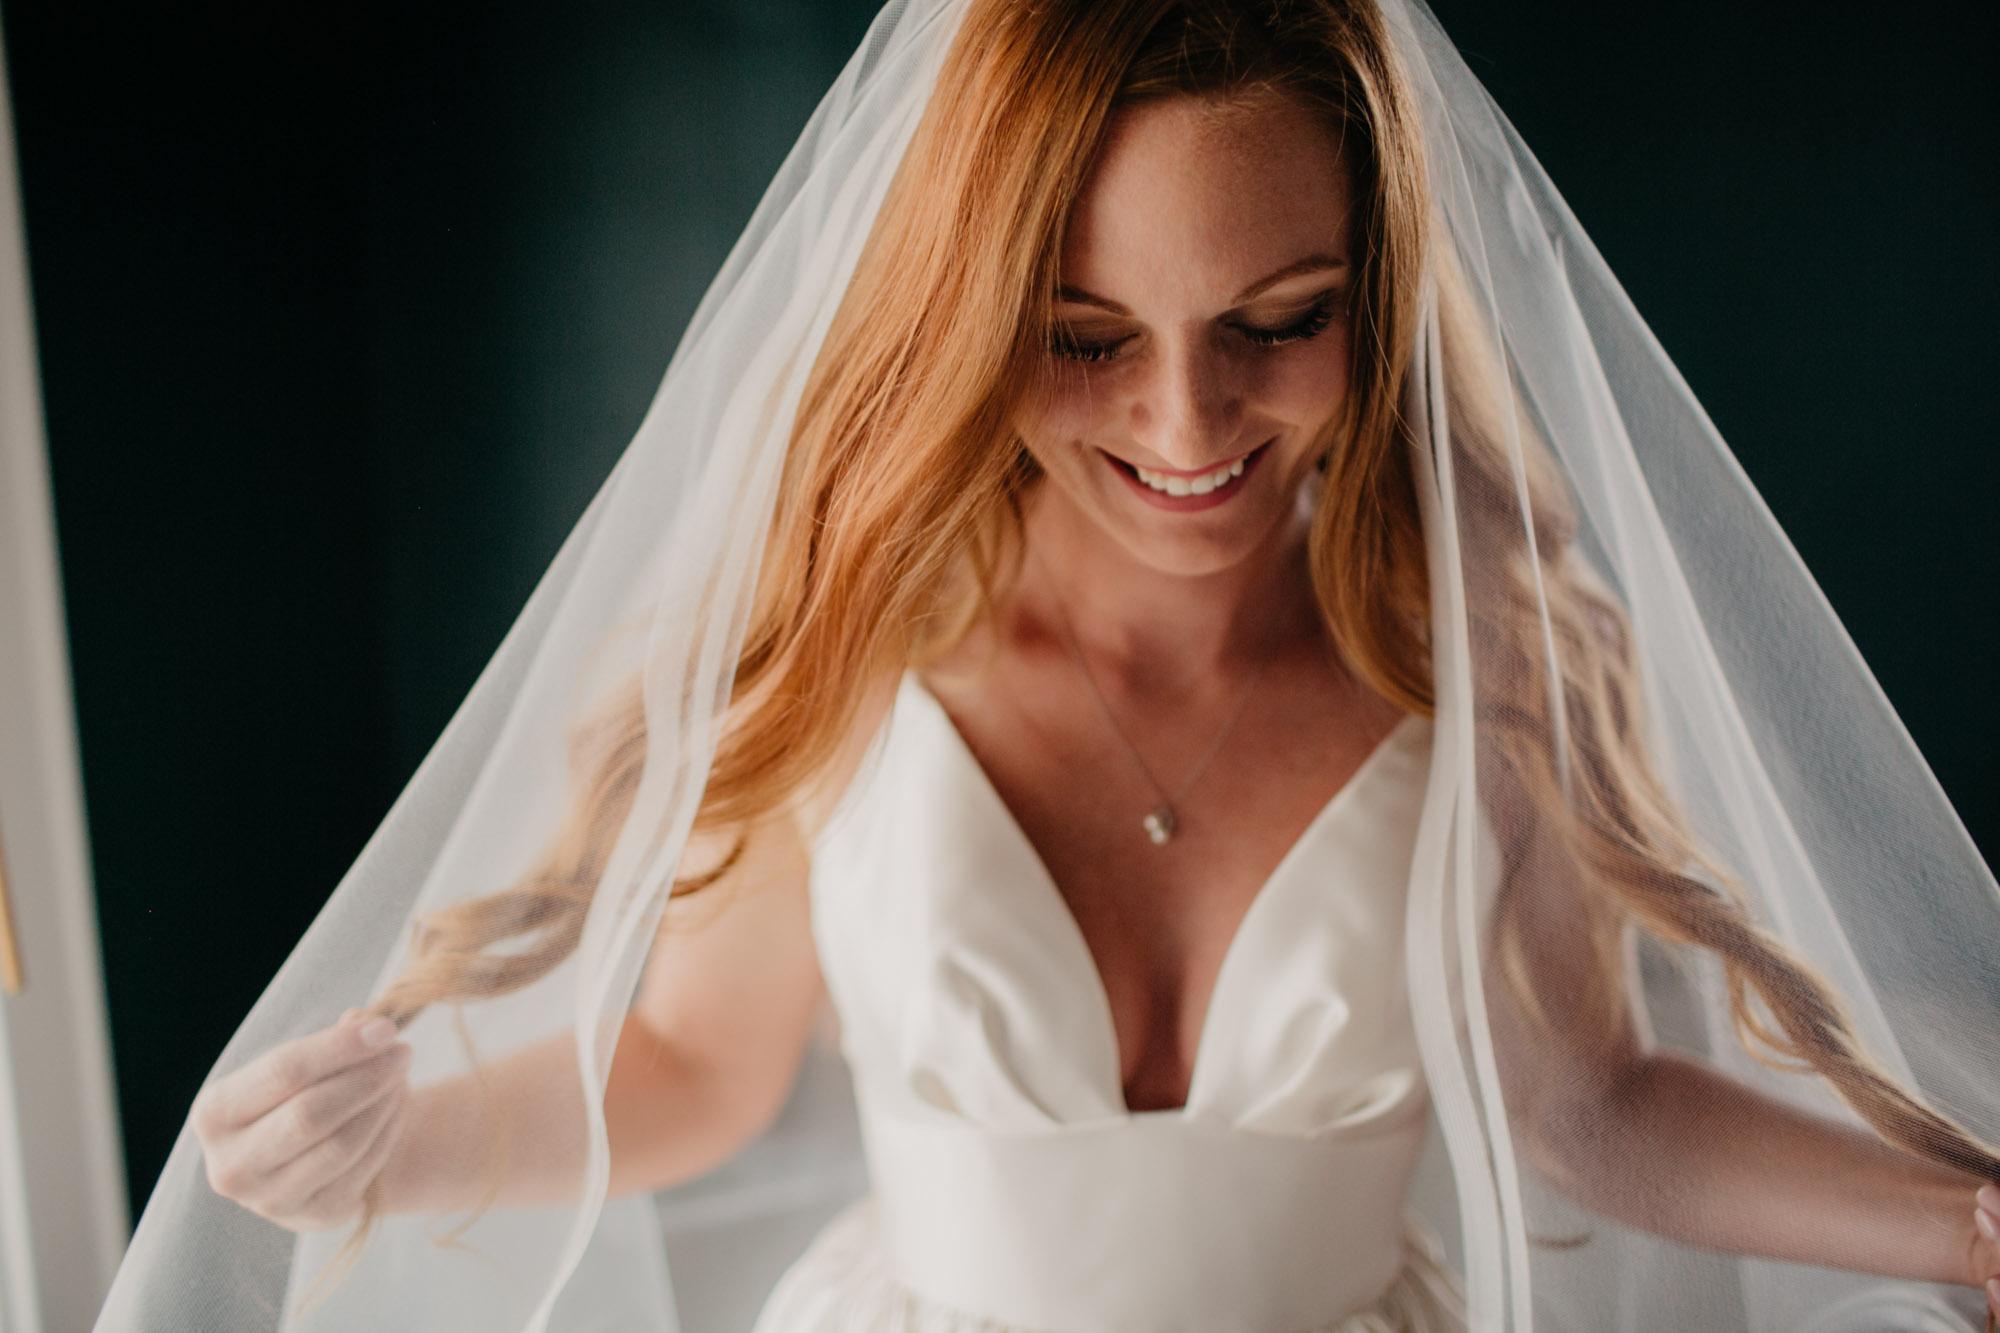 elmwood-park-wedding-photographer-nicole-jon-6.jpg